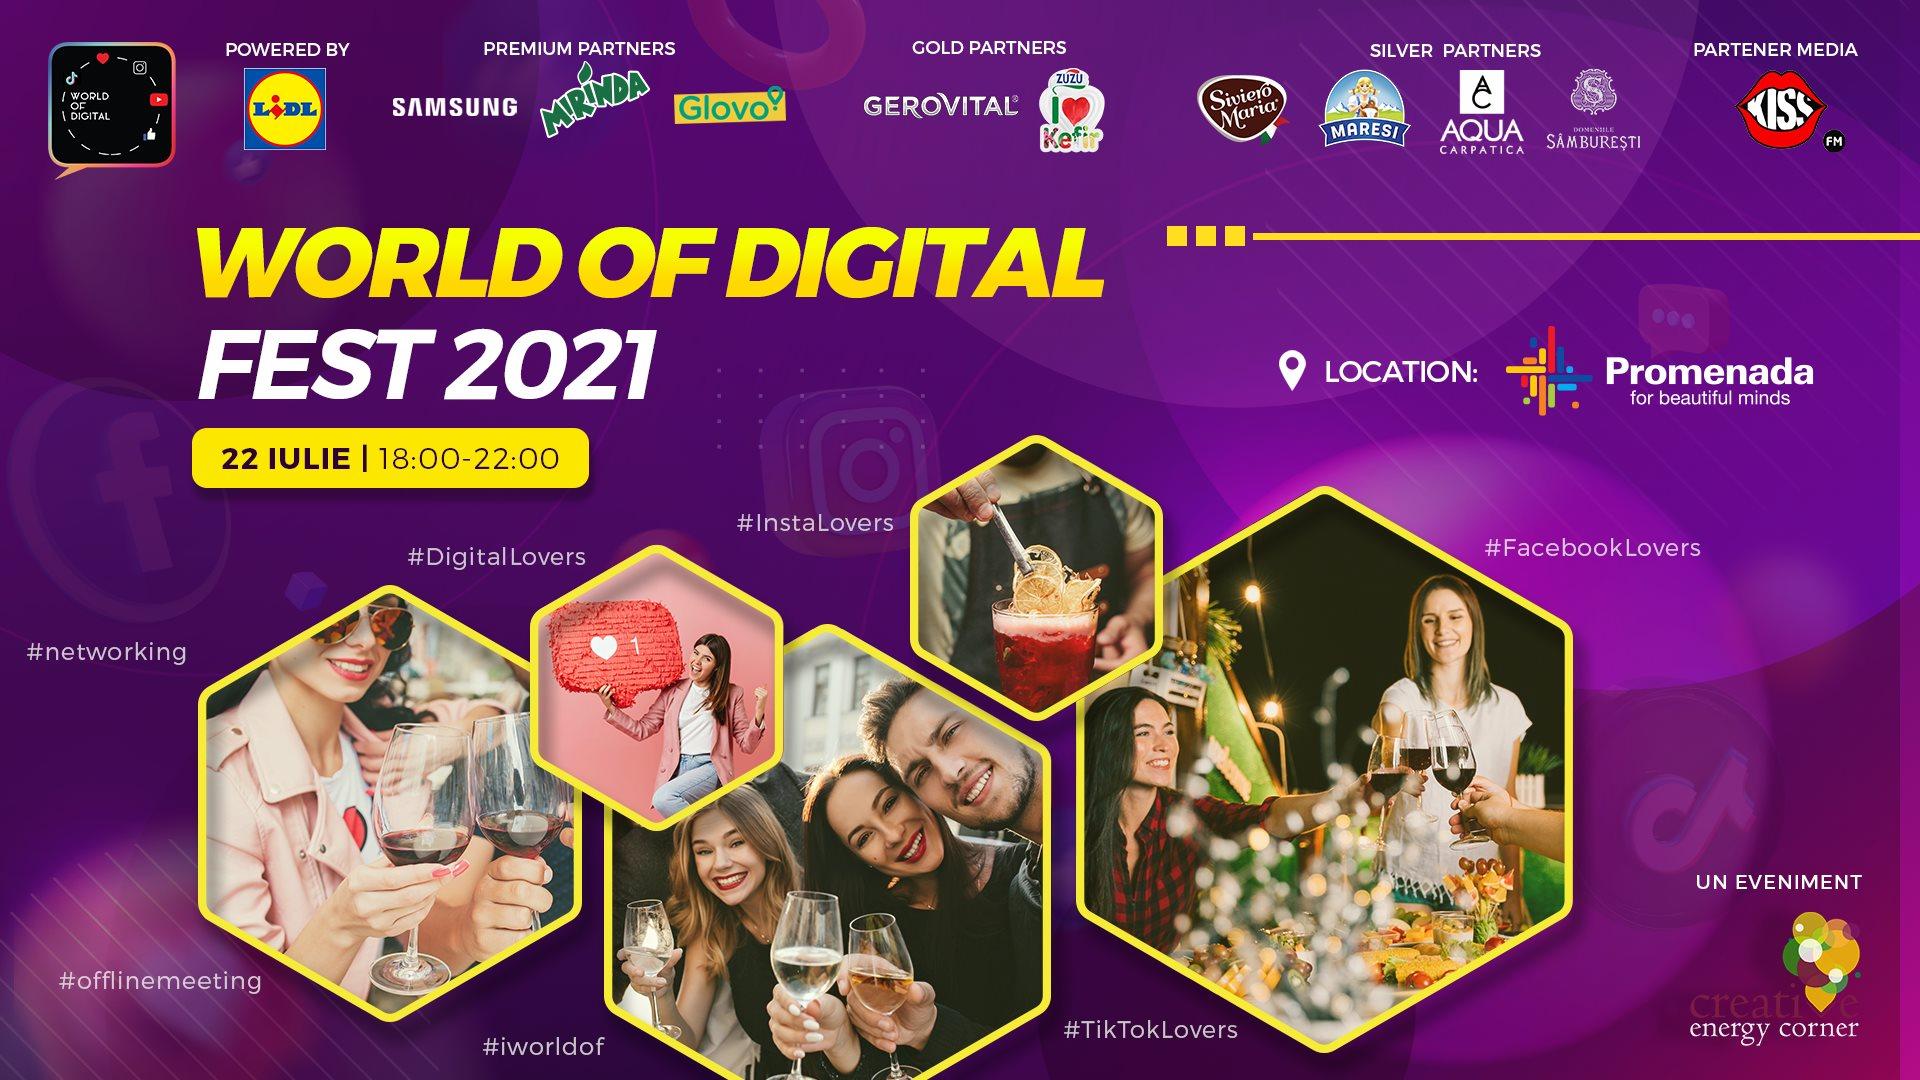 World of Digital Fest 2021